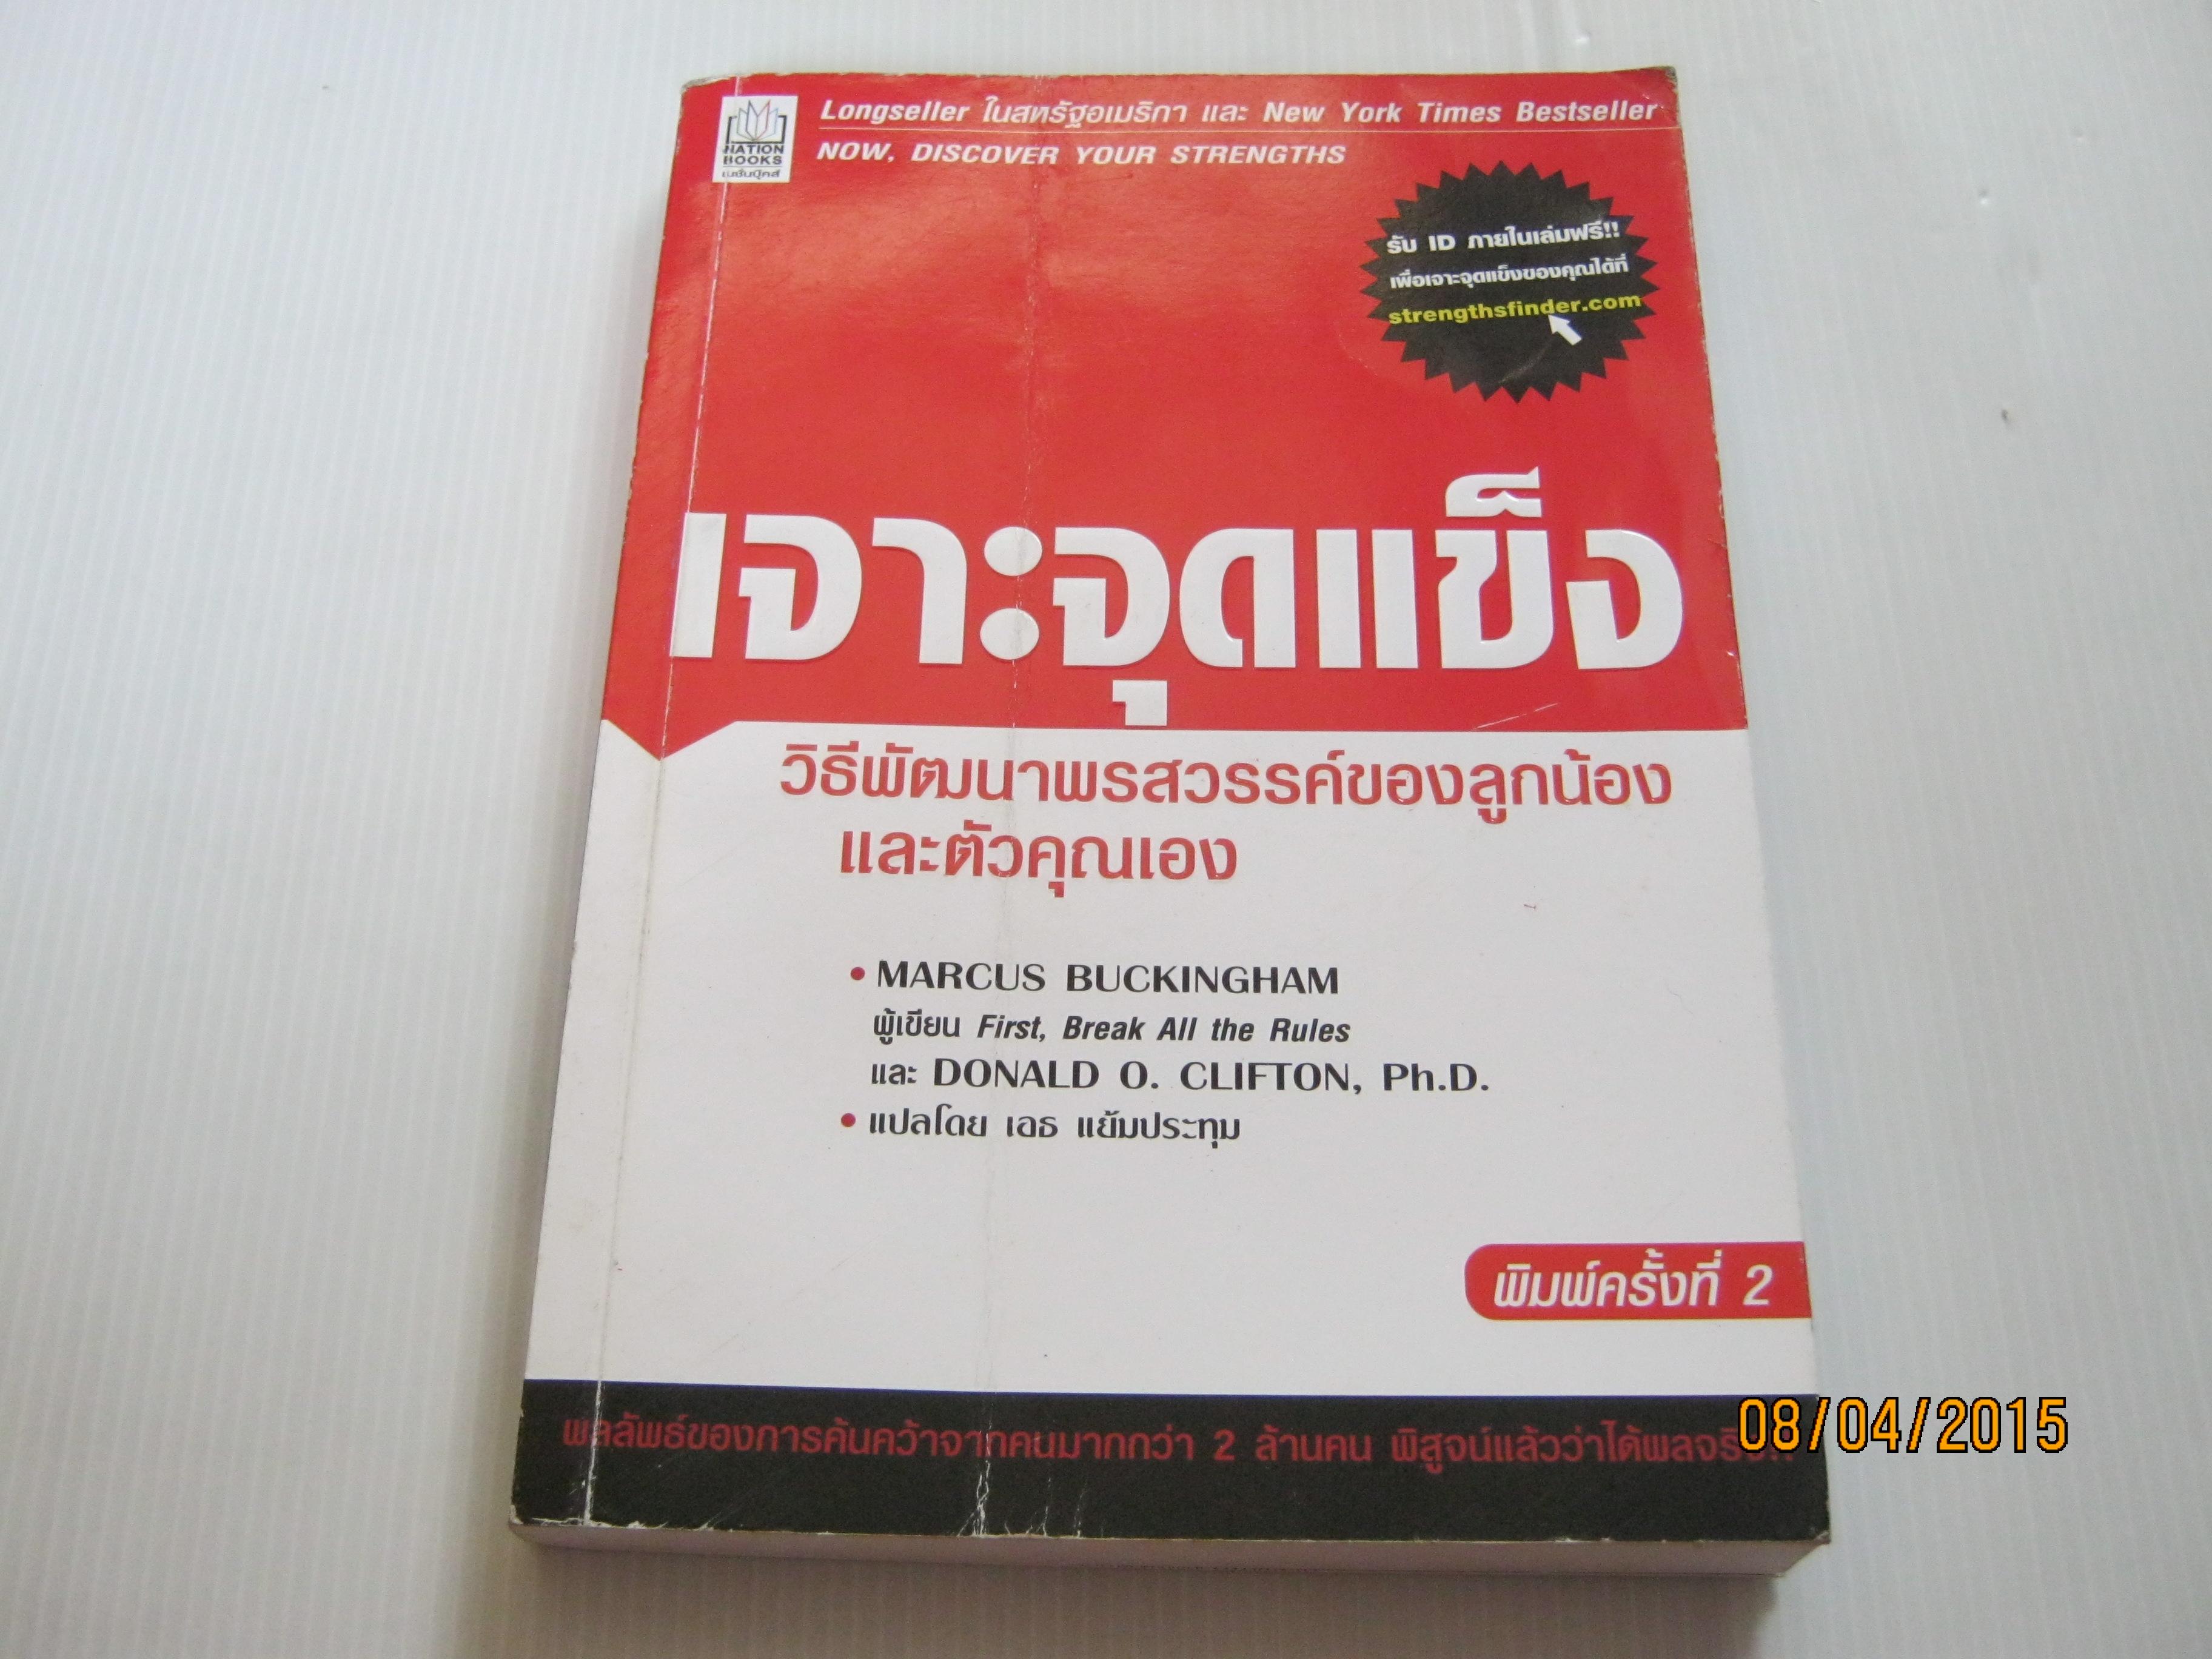 เจาะจุดแข็ง พิมพ์ครั้งที่ 2 Marcus Buckingham & Donald O. Clifton, Ph.D. เขียน เอธ แย้มประทุม แปล